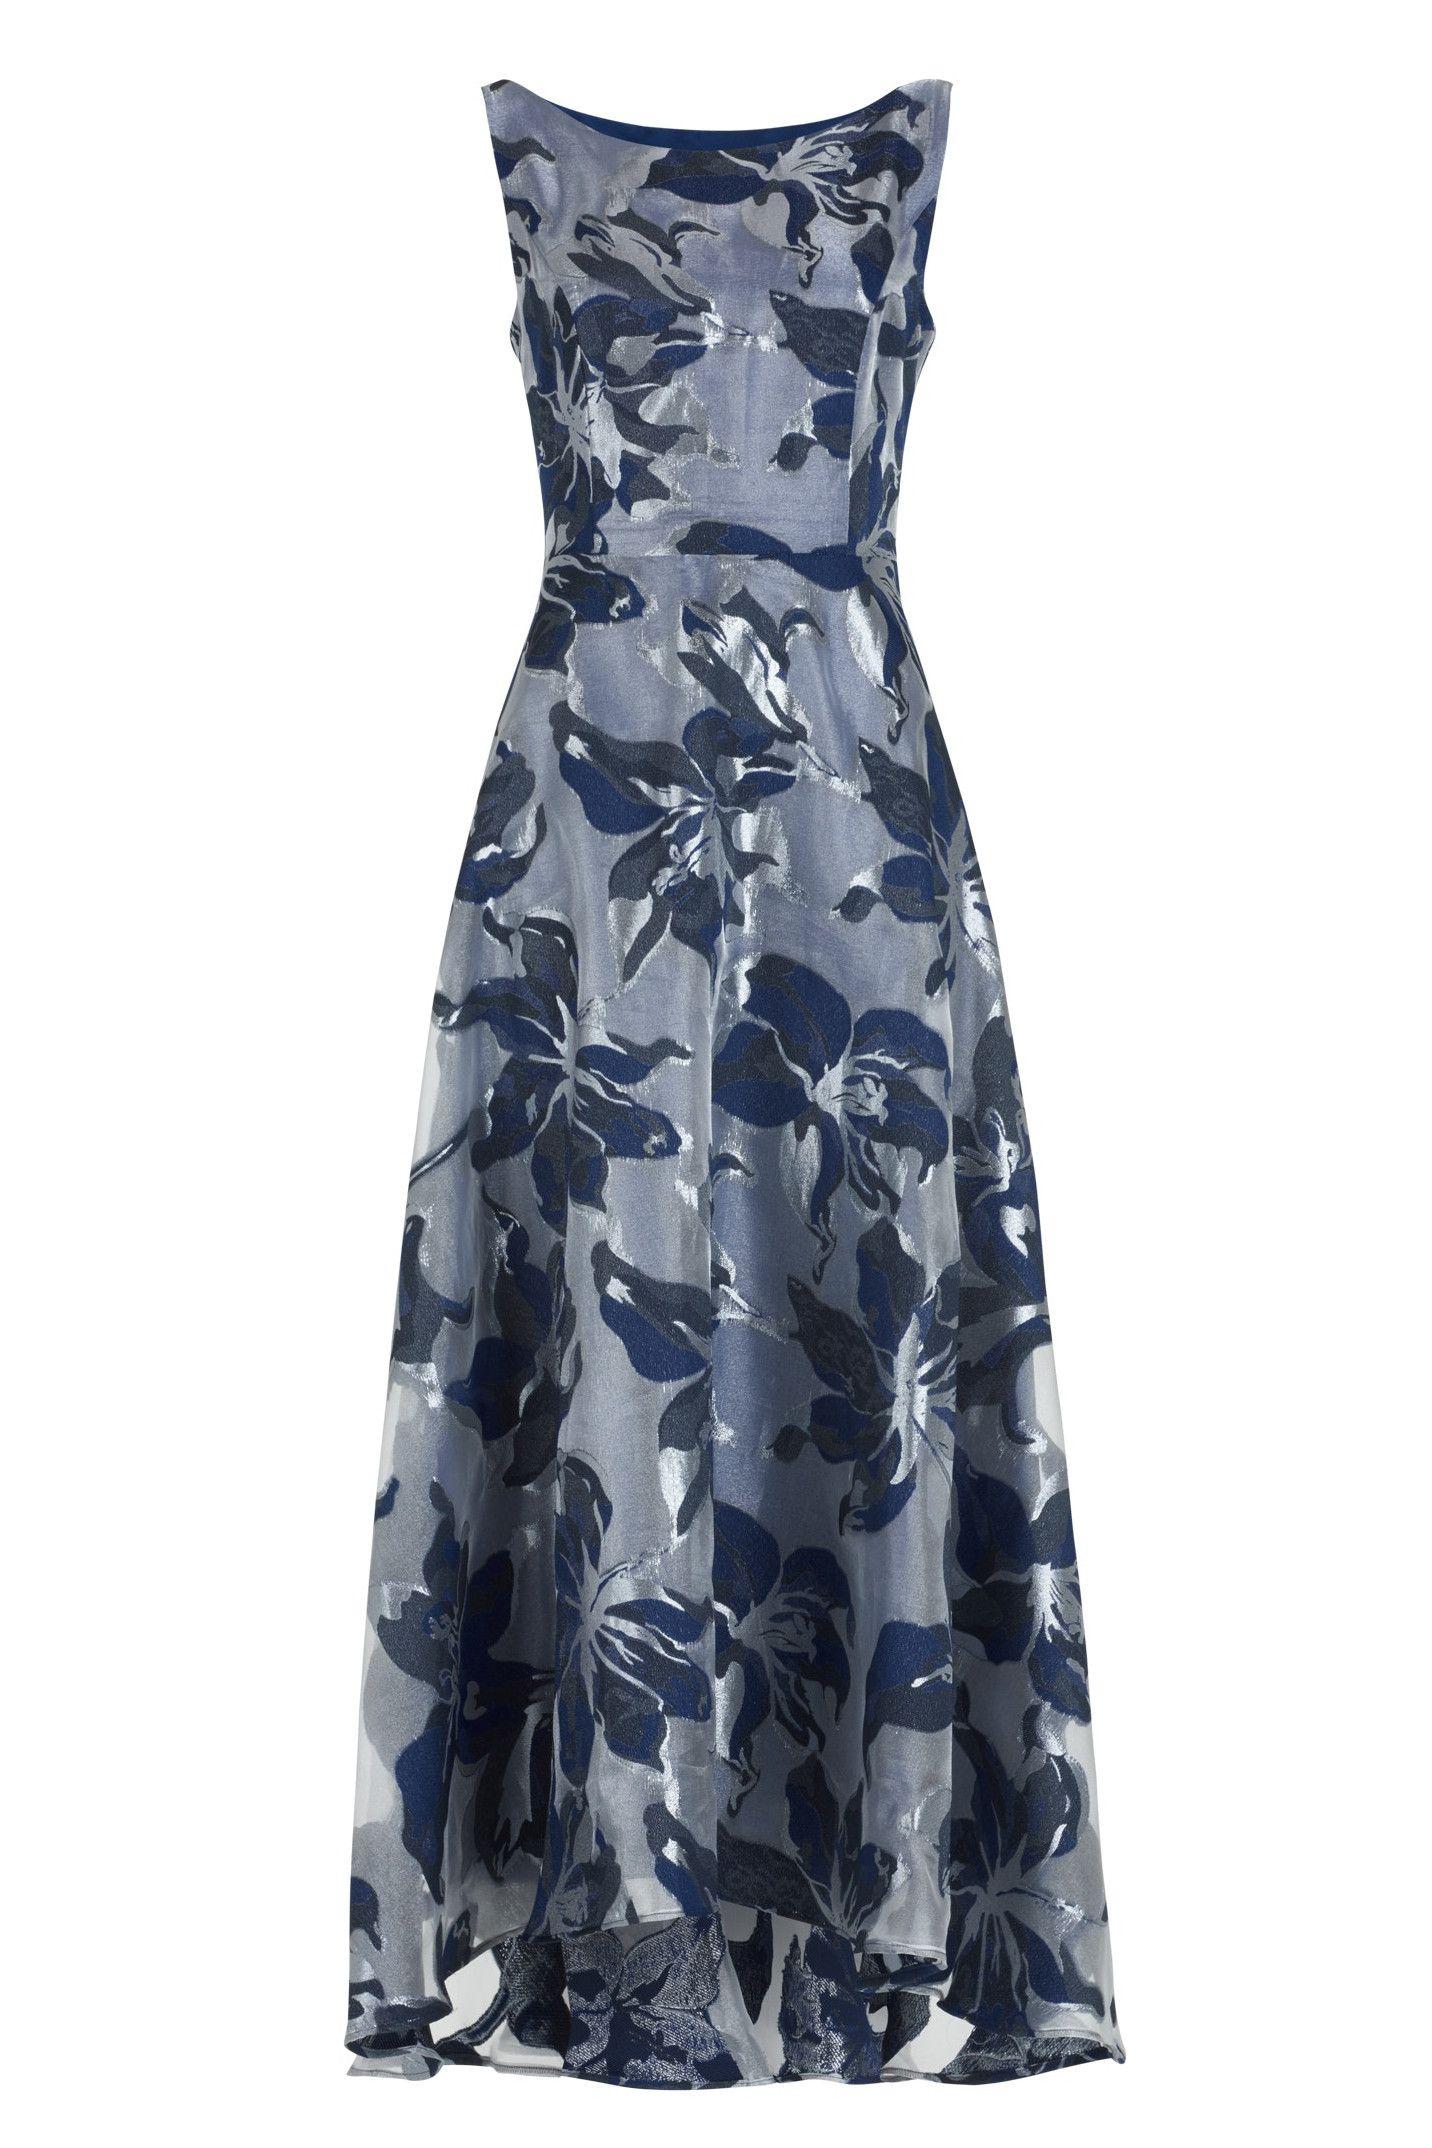 Langes Organza Kleid mit Blütenprint  Festliches kleid, Kleider